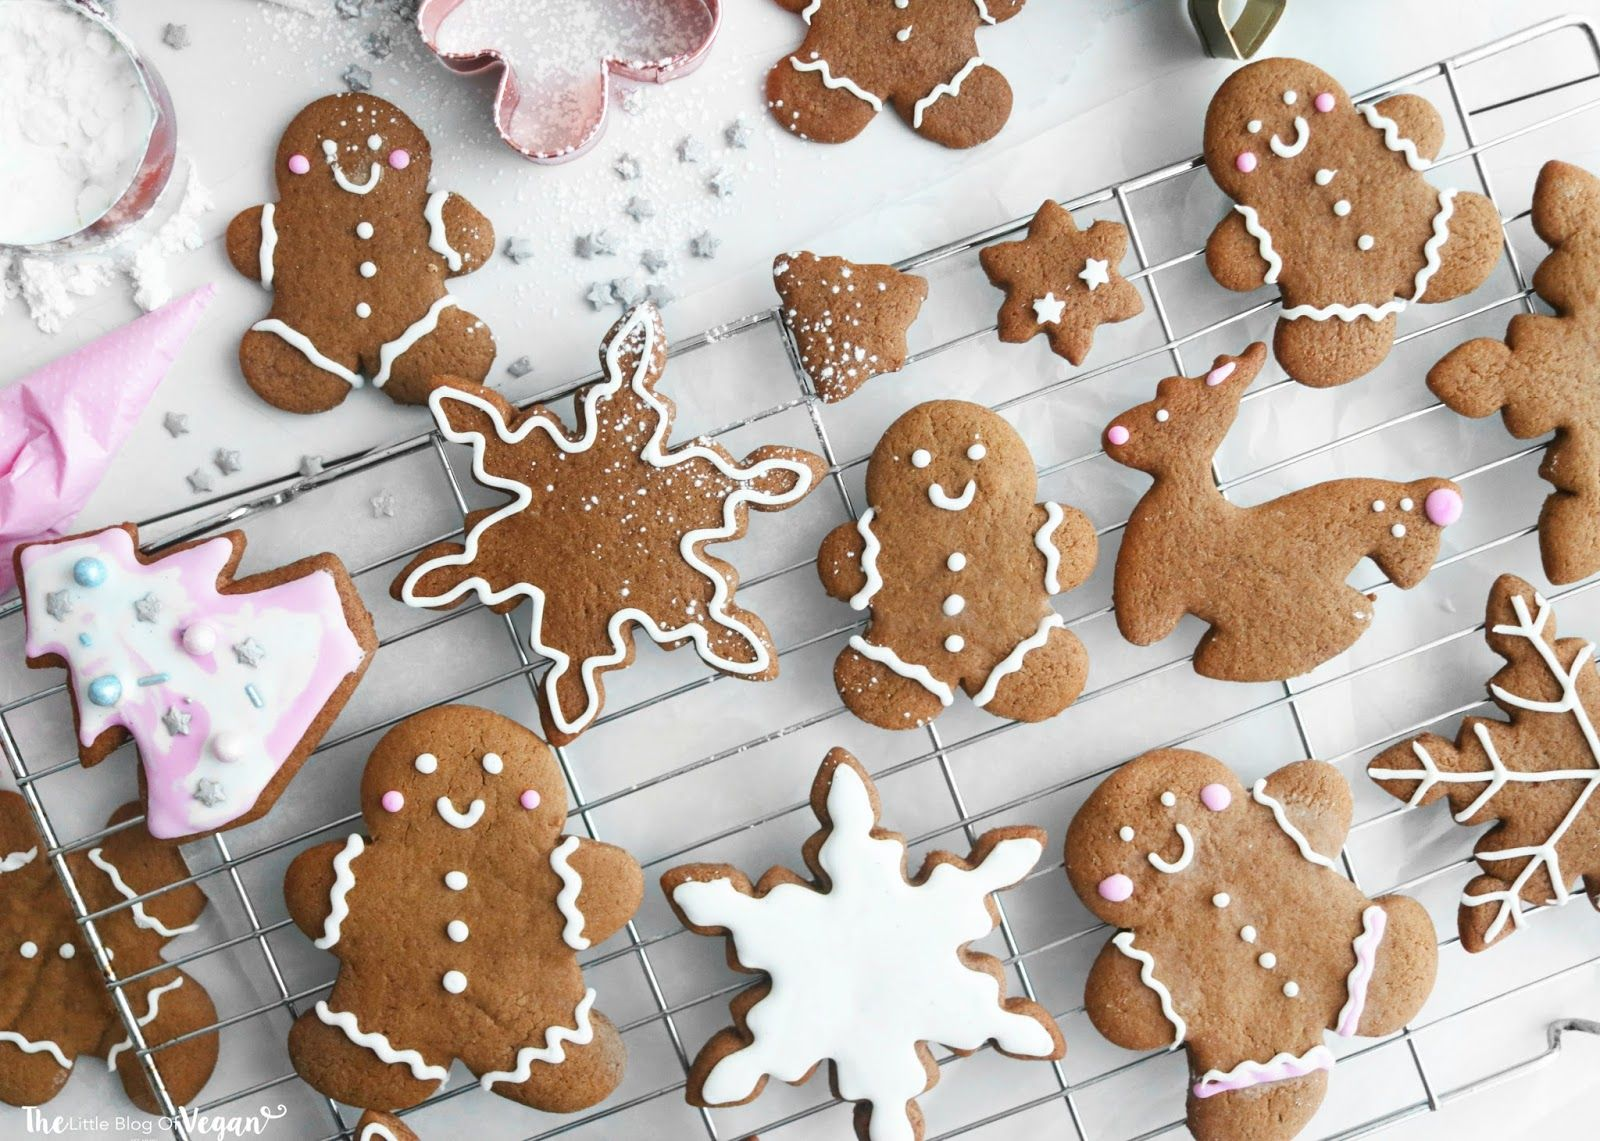 Vegan Christmas gingerbread cookies recipe #gingerbreadcookies